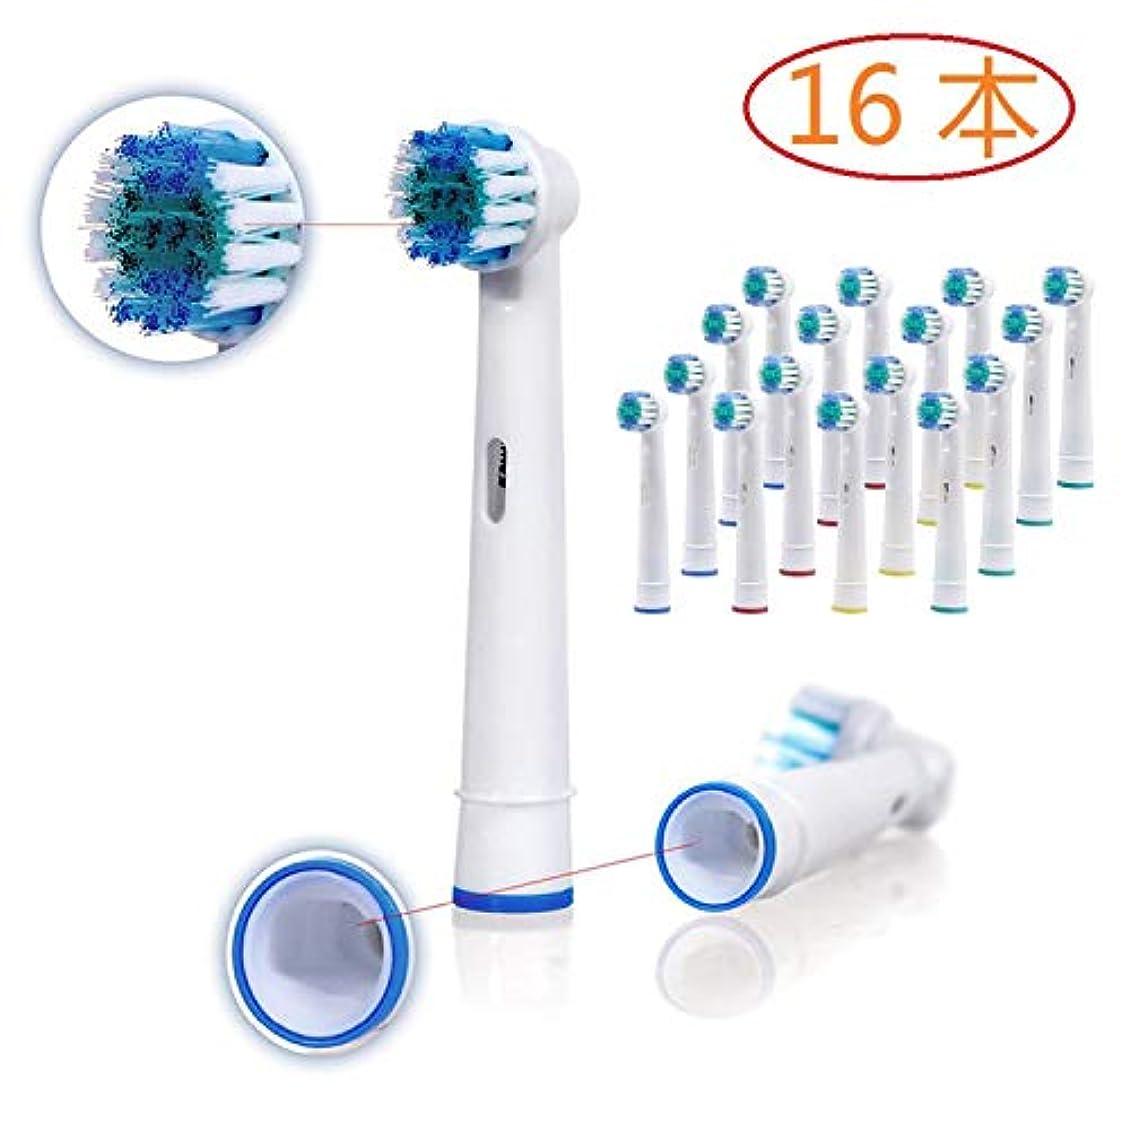 故意の率直な収穫電動歯ブラシ 替えブラシブラウン オーラルB 対応 替えブラシ 16本 (白)